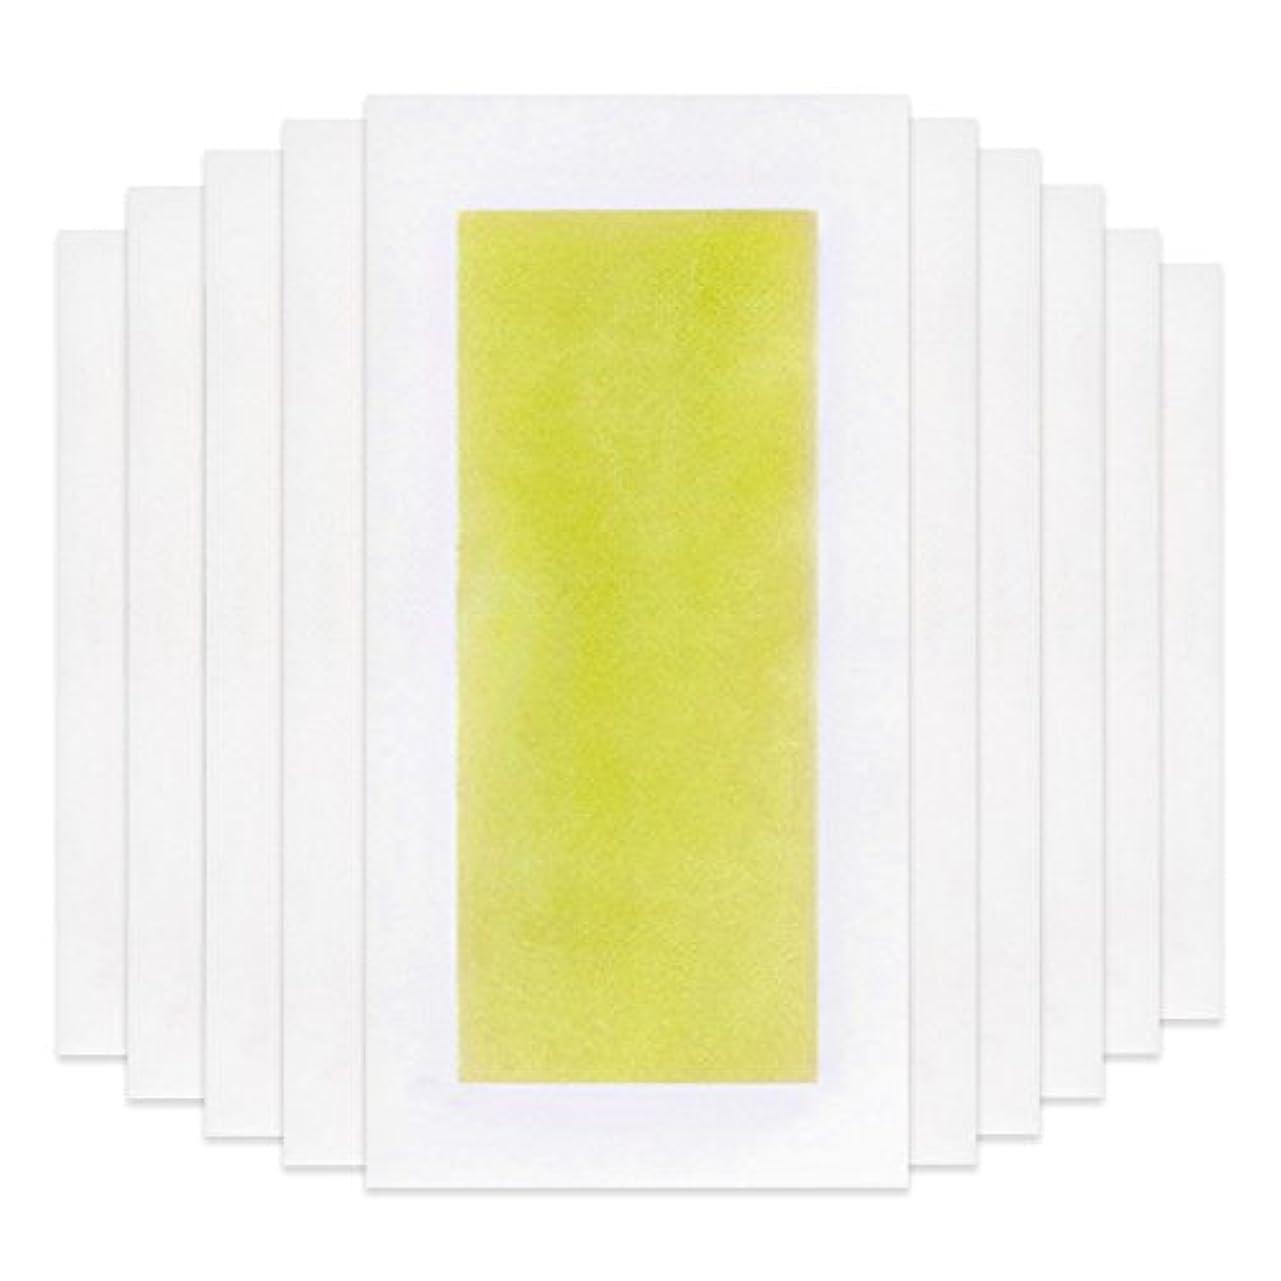 規制する注文サイクロプスRabugoo 脚の身体の顔のための10個のプロフェッショナルな夏の脱毛ダブルサイドコールドワックスストリップ紙 Yellow